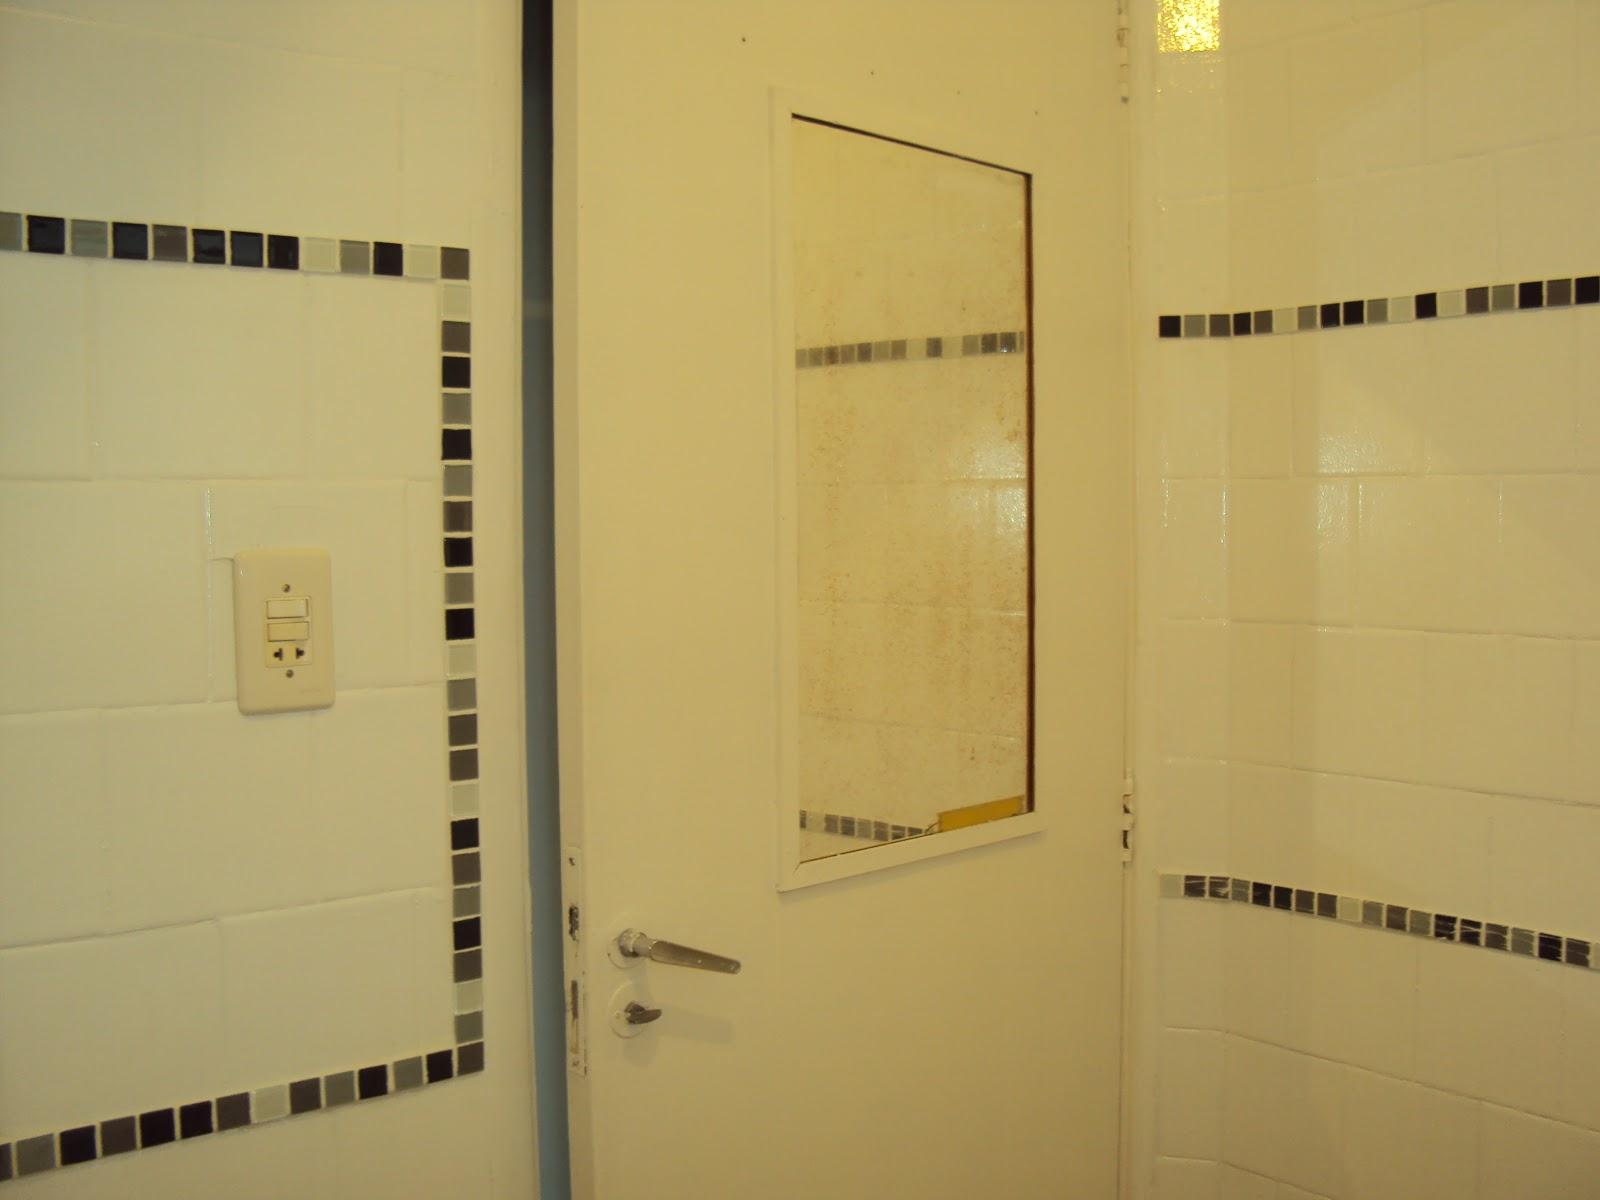 se esta casa fosse minha!?: Antes e Depois: Banheiro #BFBF0C 1600 1200